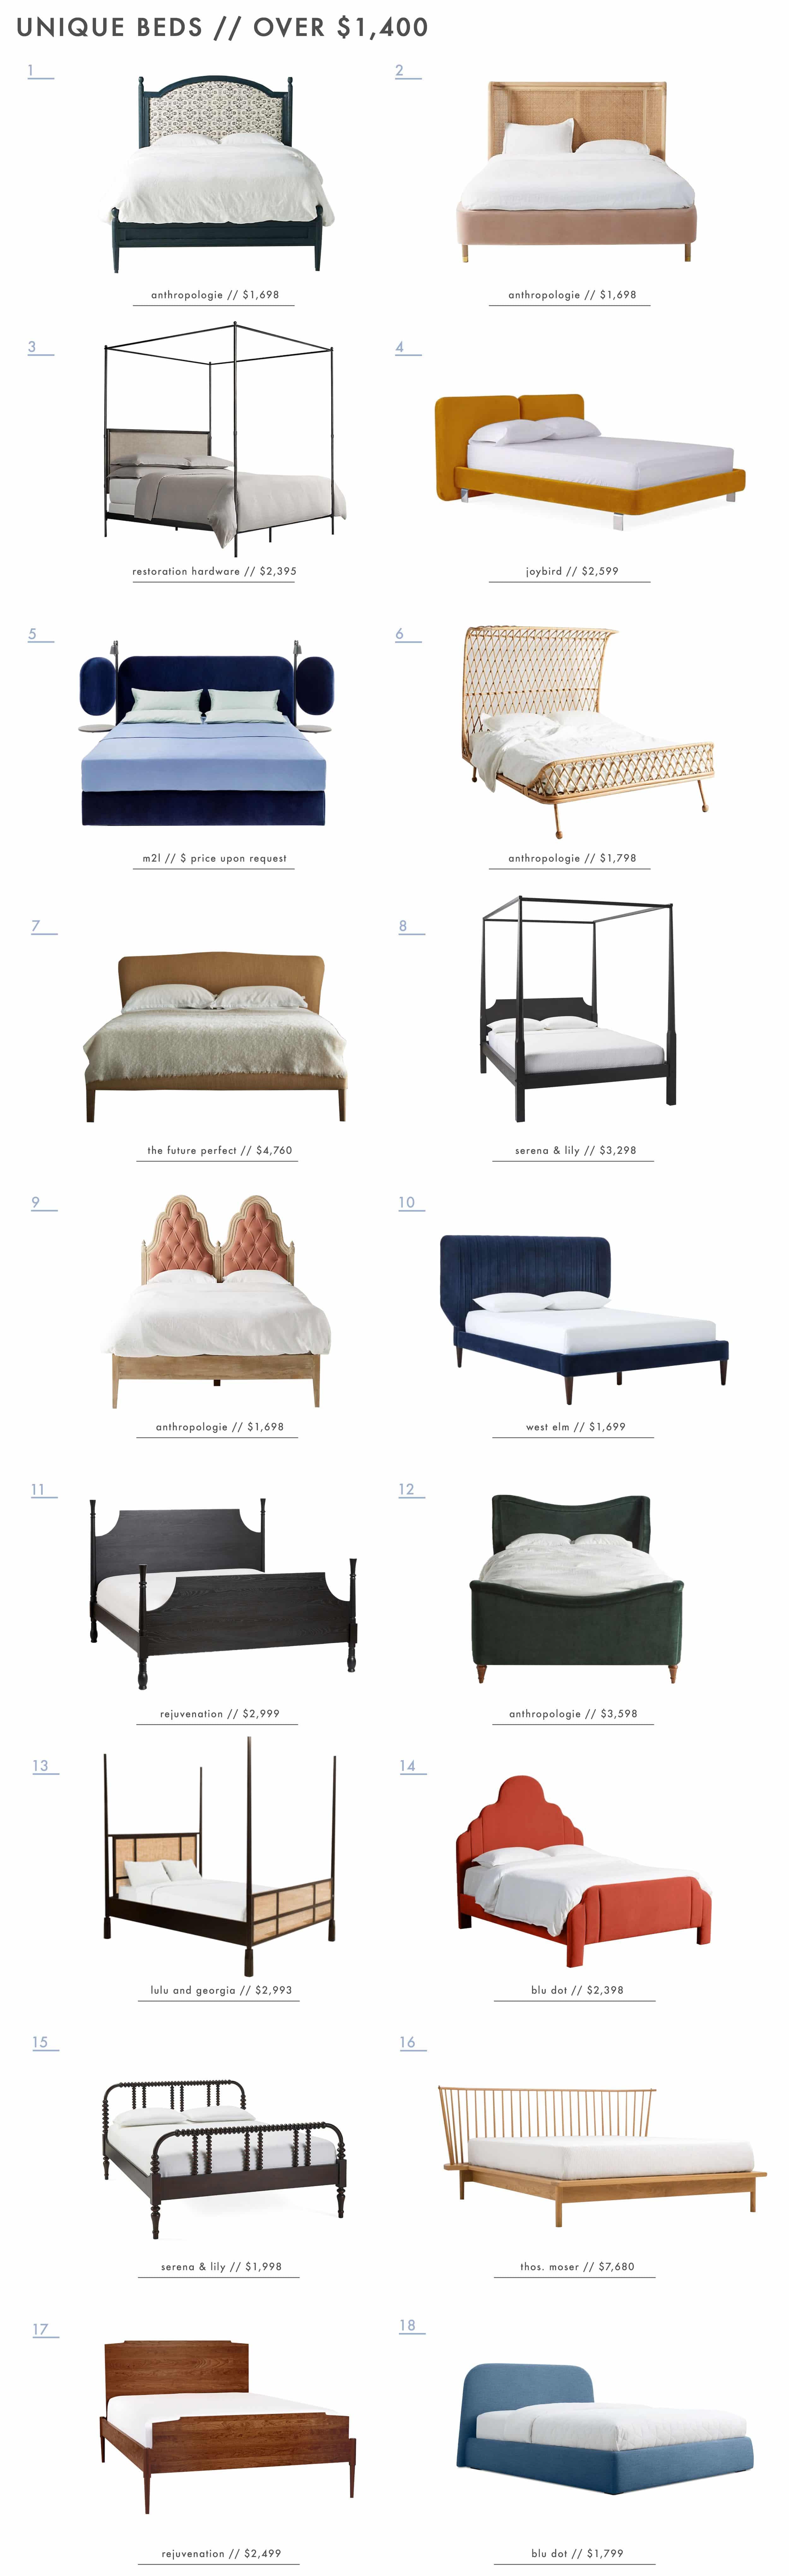 Emily Henderson Unique Beds 2 Roundup